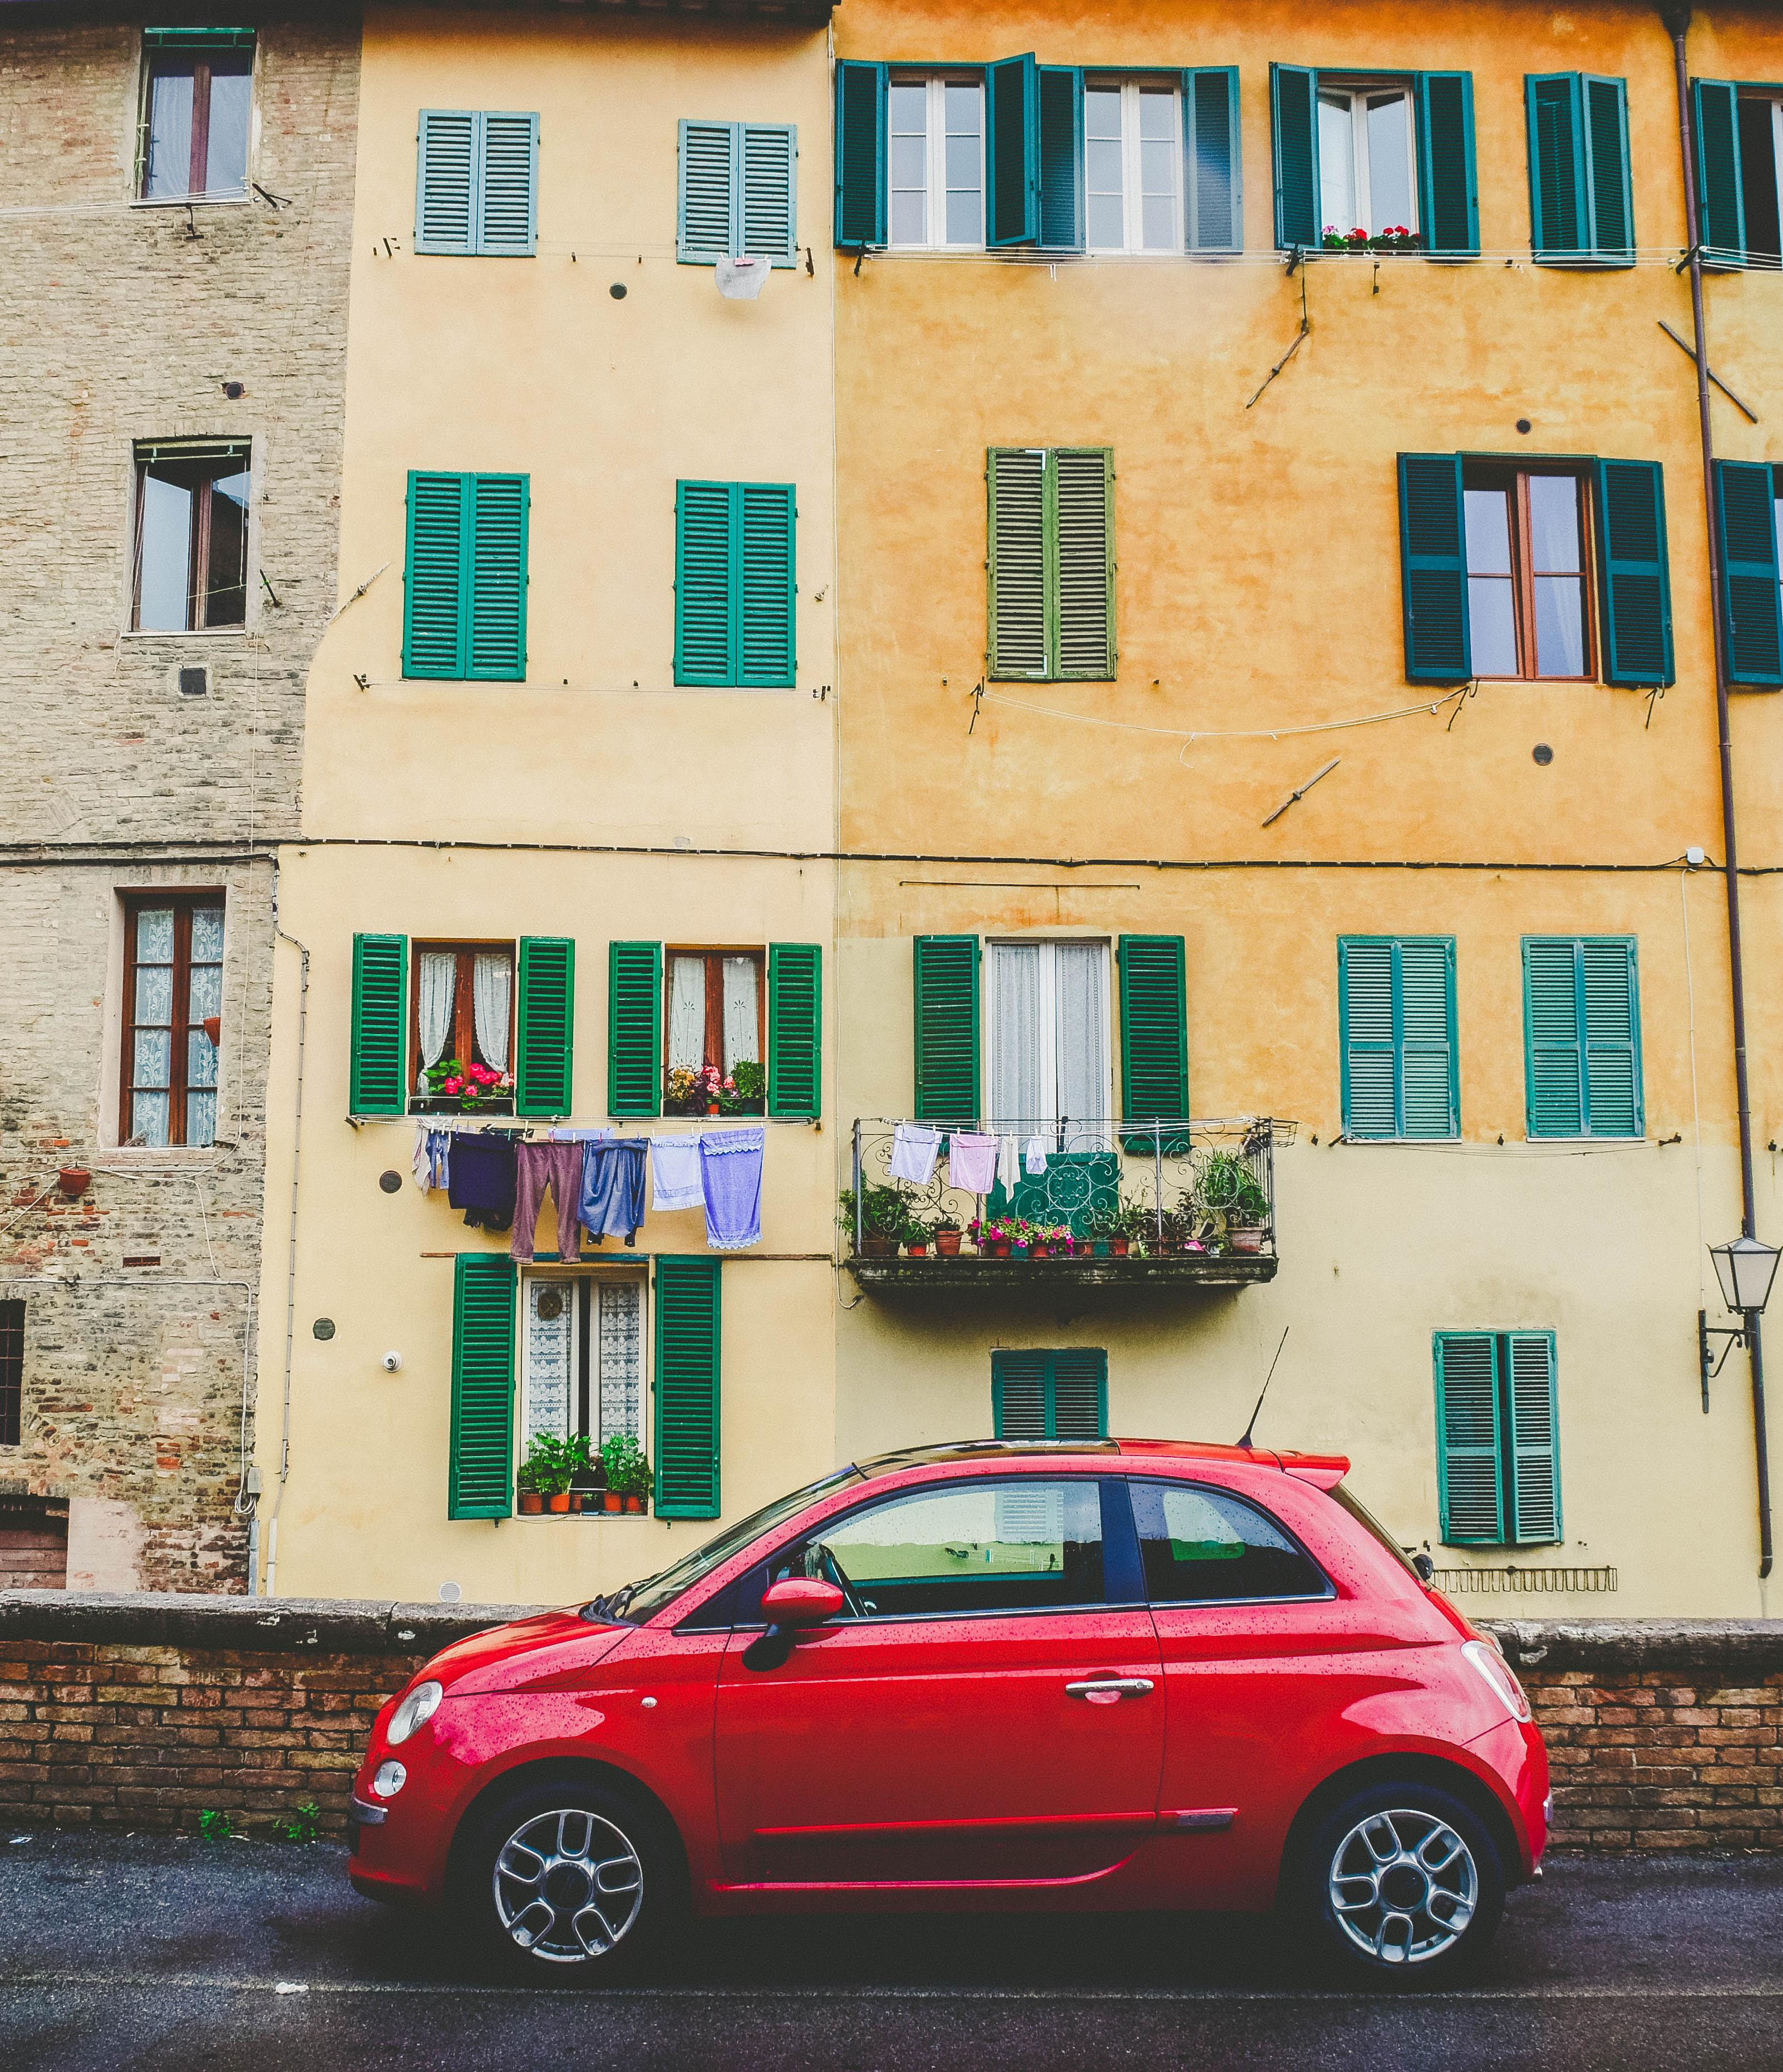 Fiat 500 Gebrauchtwagen Kleinwagen